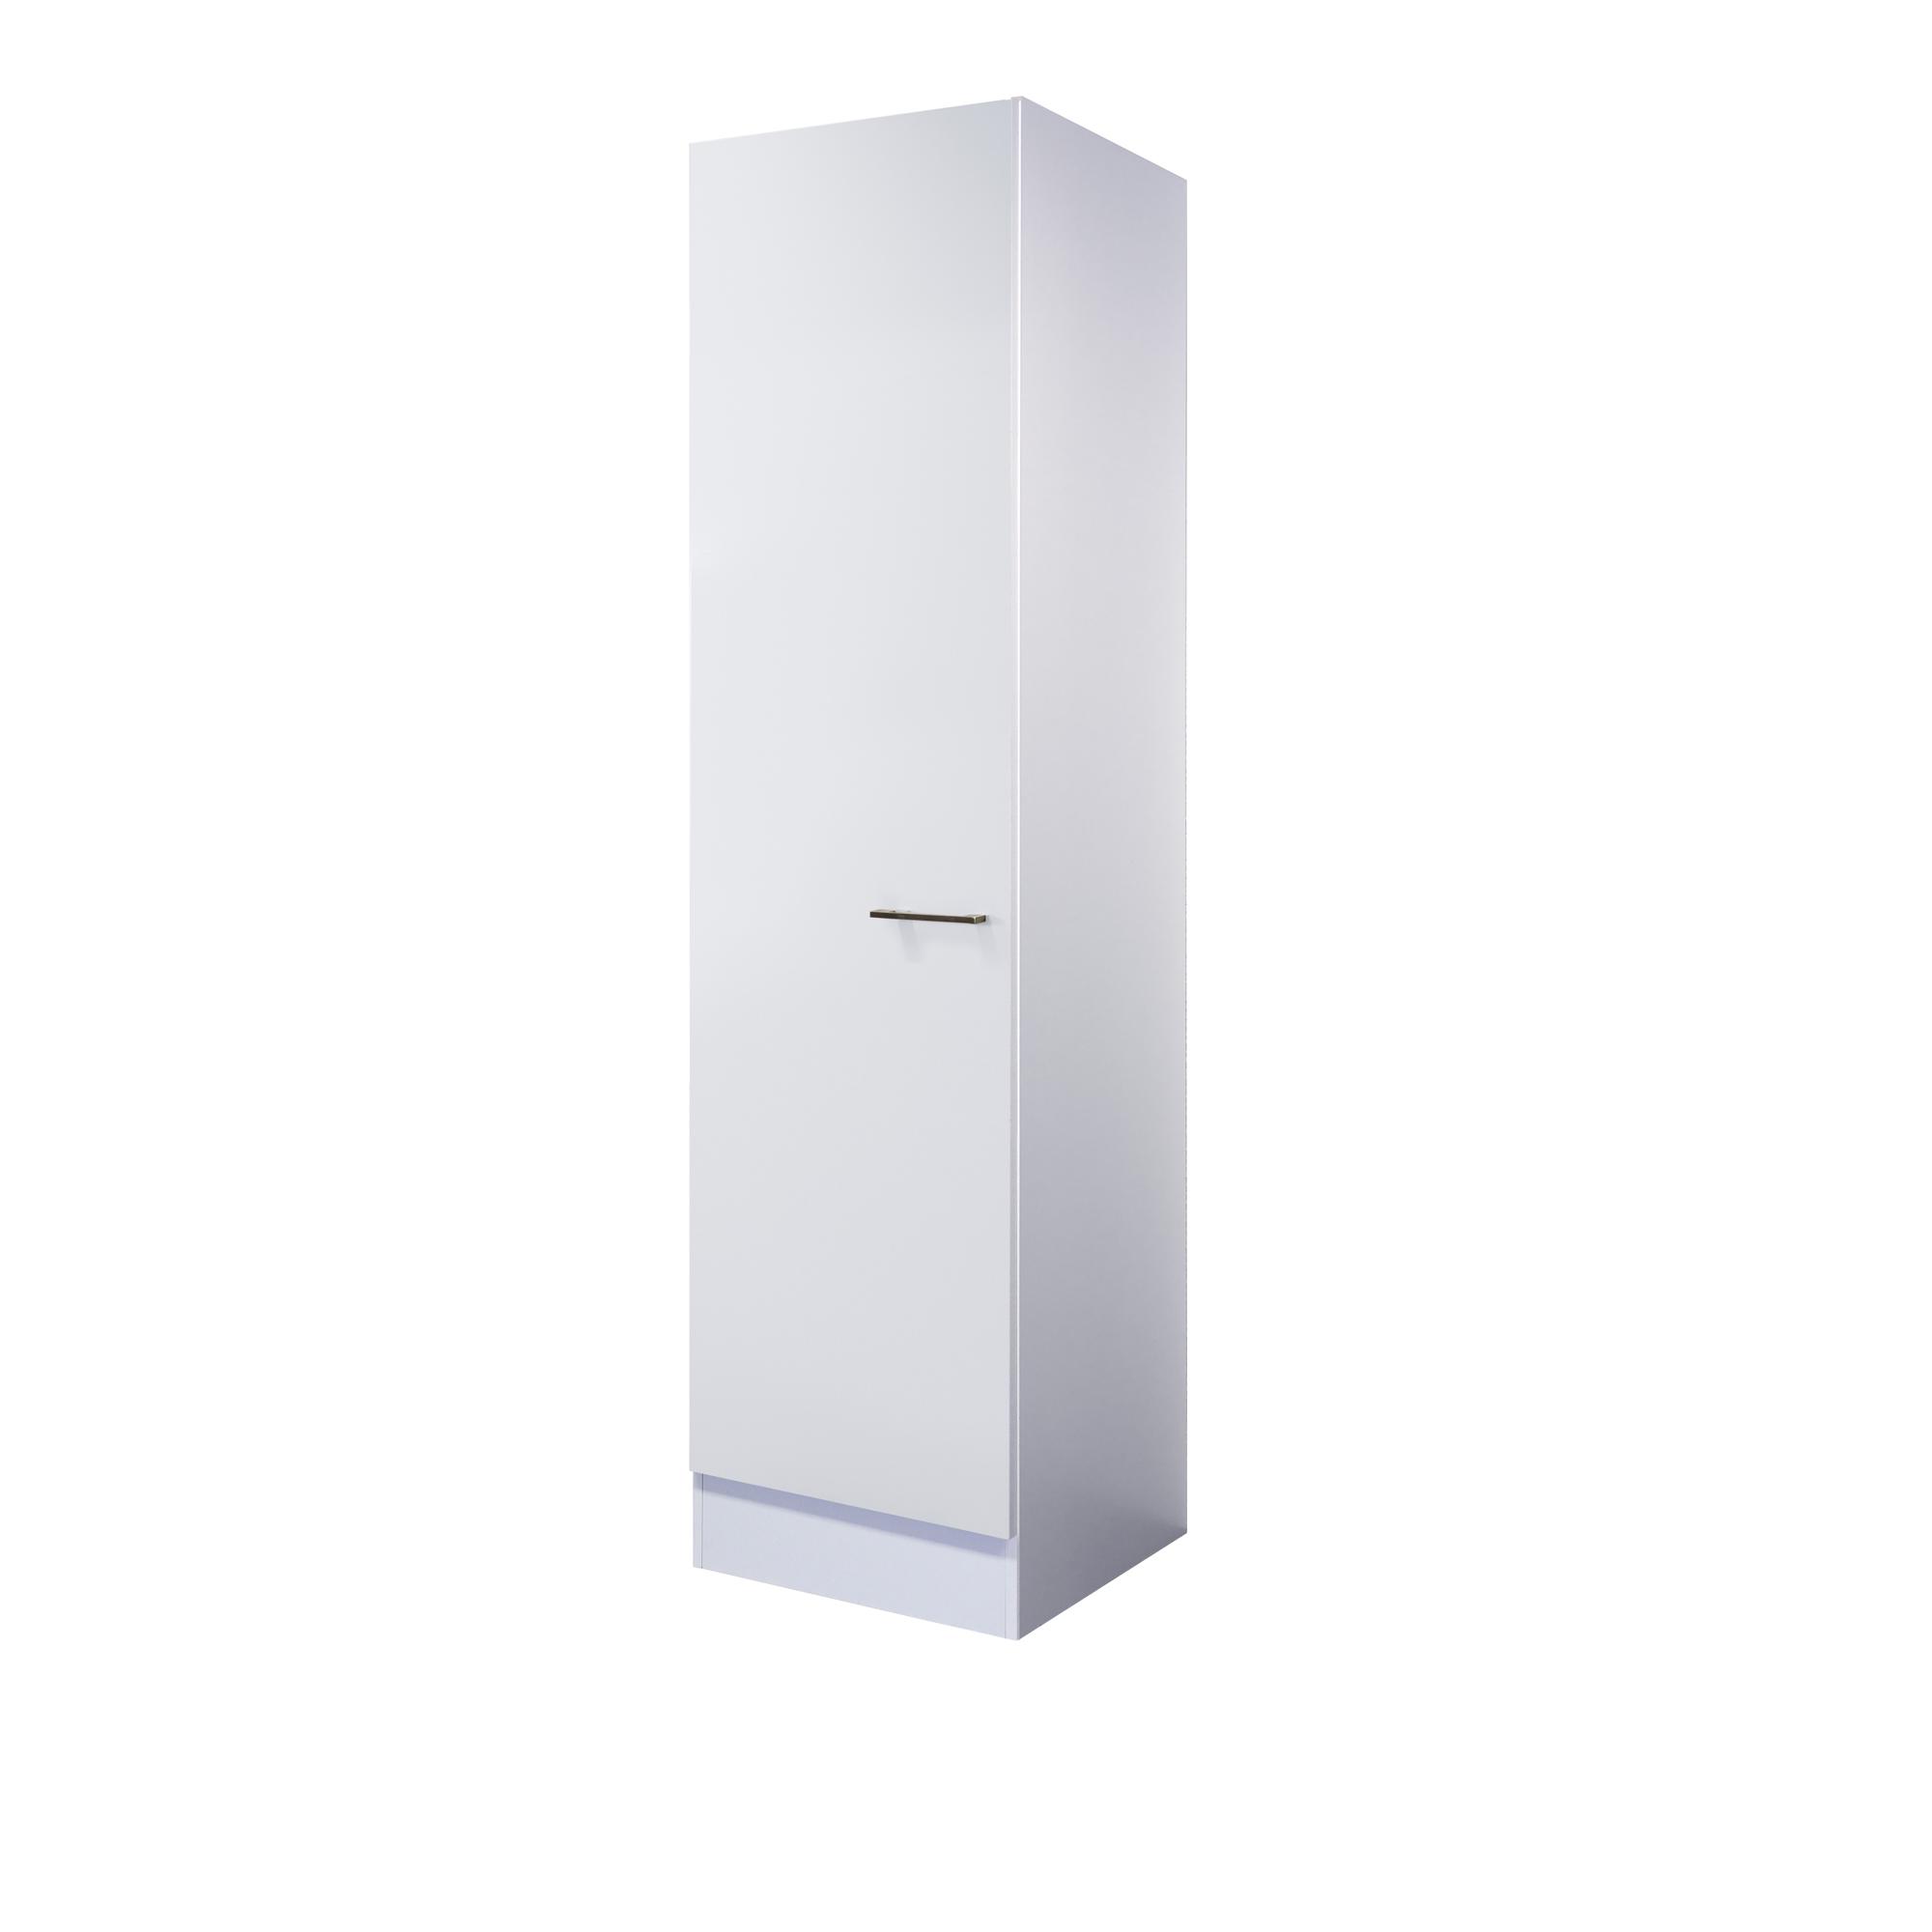 Details zu Küchen-Hochschrank CORVARA - 1-türig - 50 cm breit - Weiß